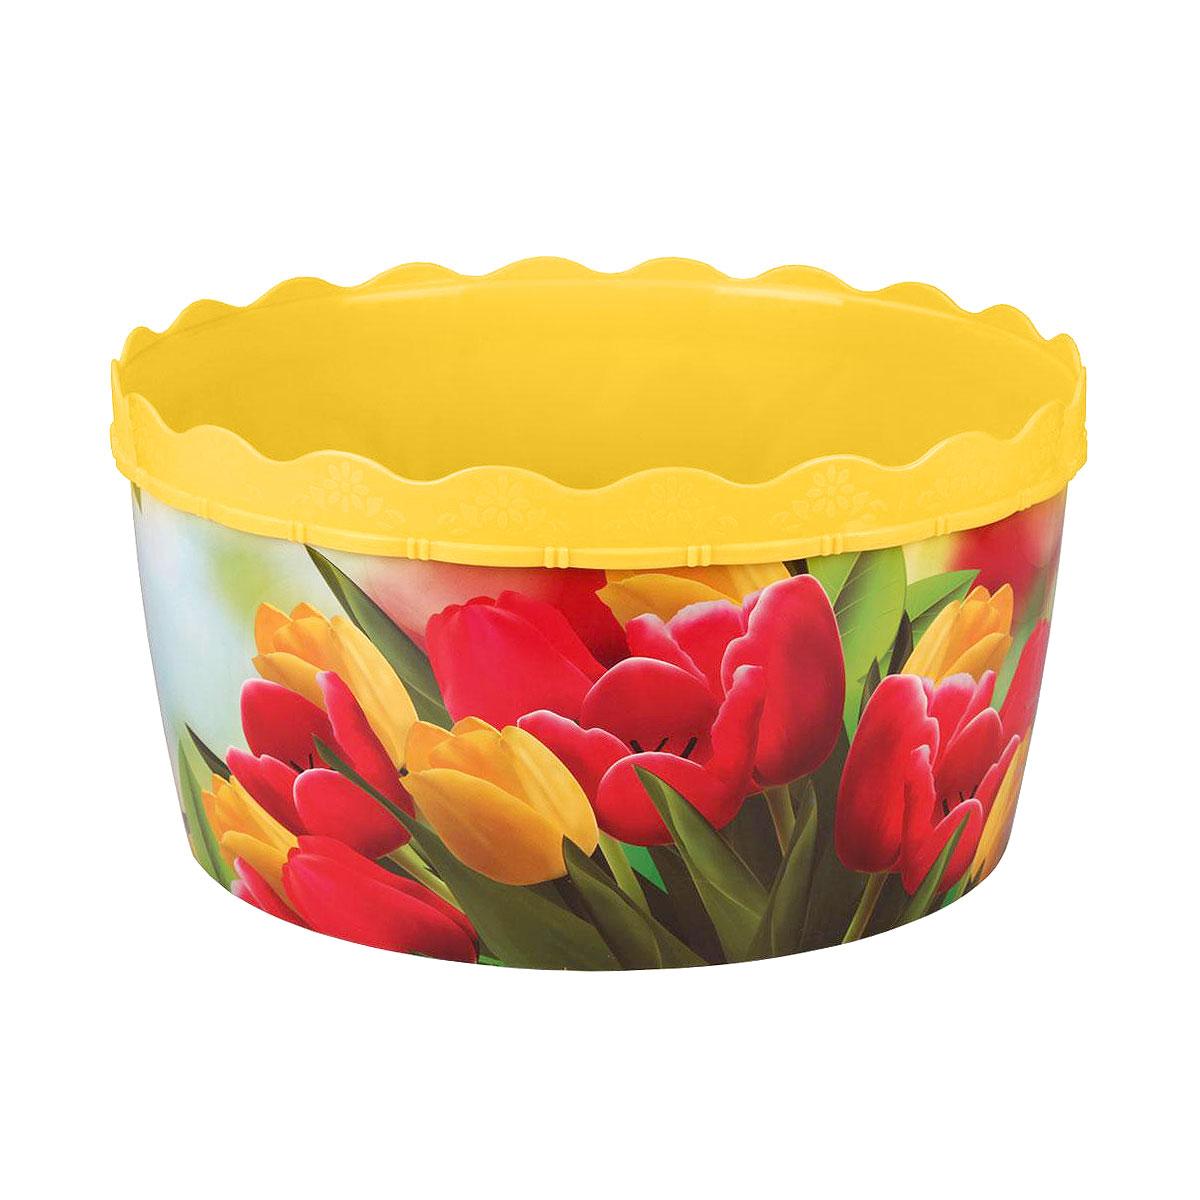 Таз Тюльпаны, цвет: желтый, 12 лМ3107Таз Тюльпаны станет незаменимым помощником в хозяйстве. Он выполнен из качественного пластика и прослужит долгие годы. Объем: 12 л. Диаметр (по верхнему краю): 35 см. Высота: 18 см.